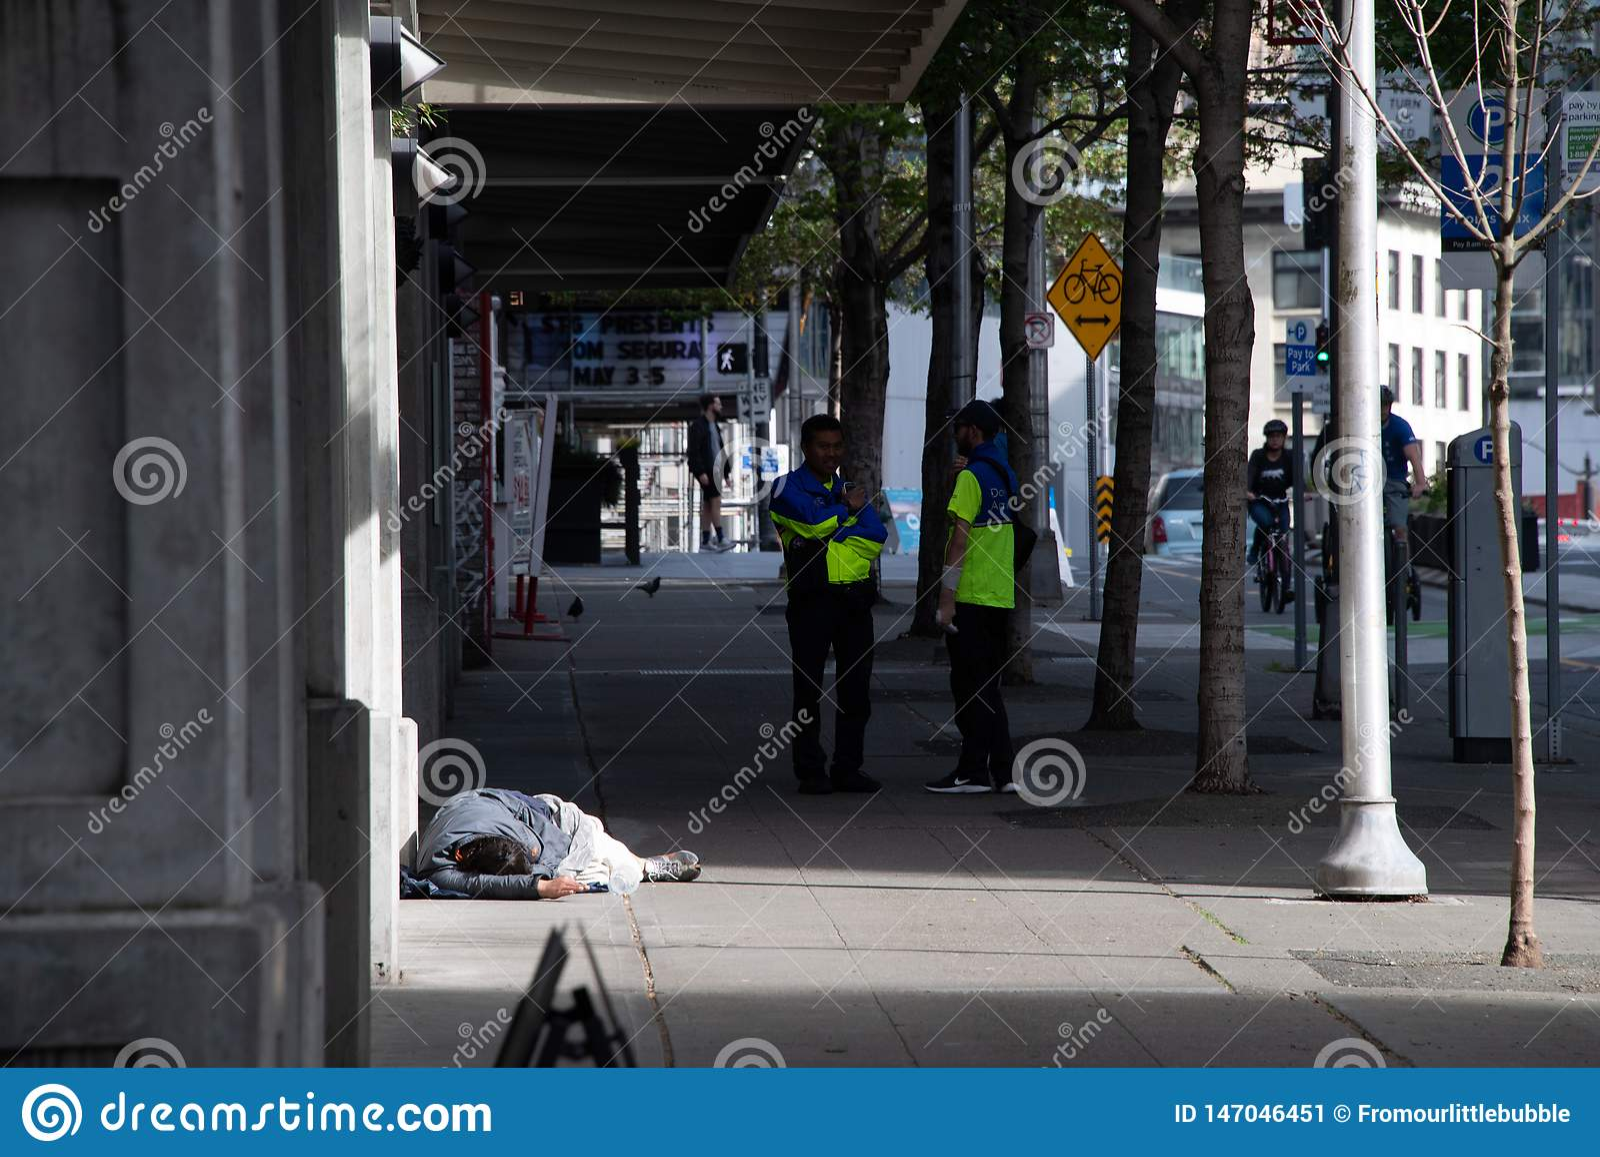 Seattle i stadens centrum ambassadörer på trottoaren bredvid hemlös man